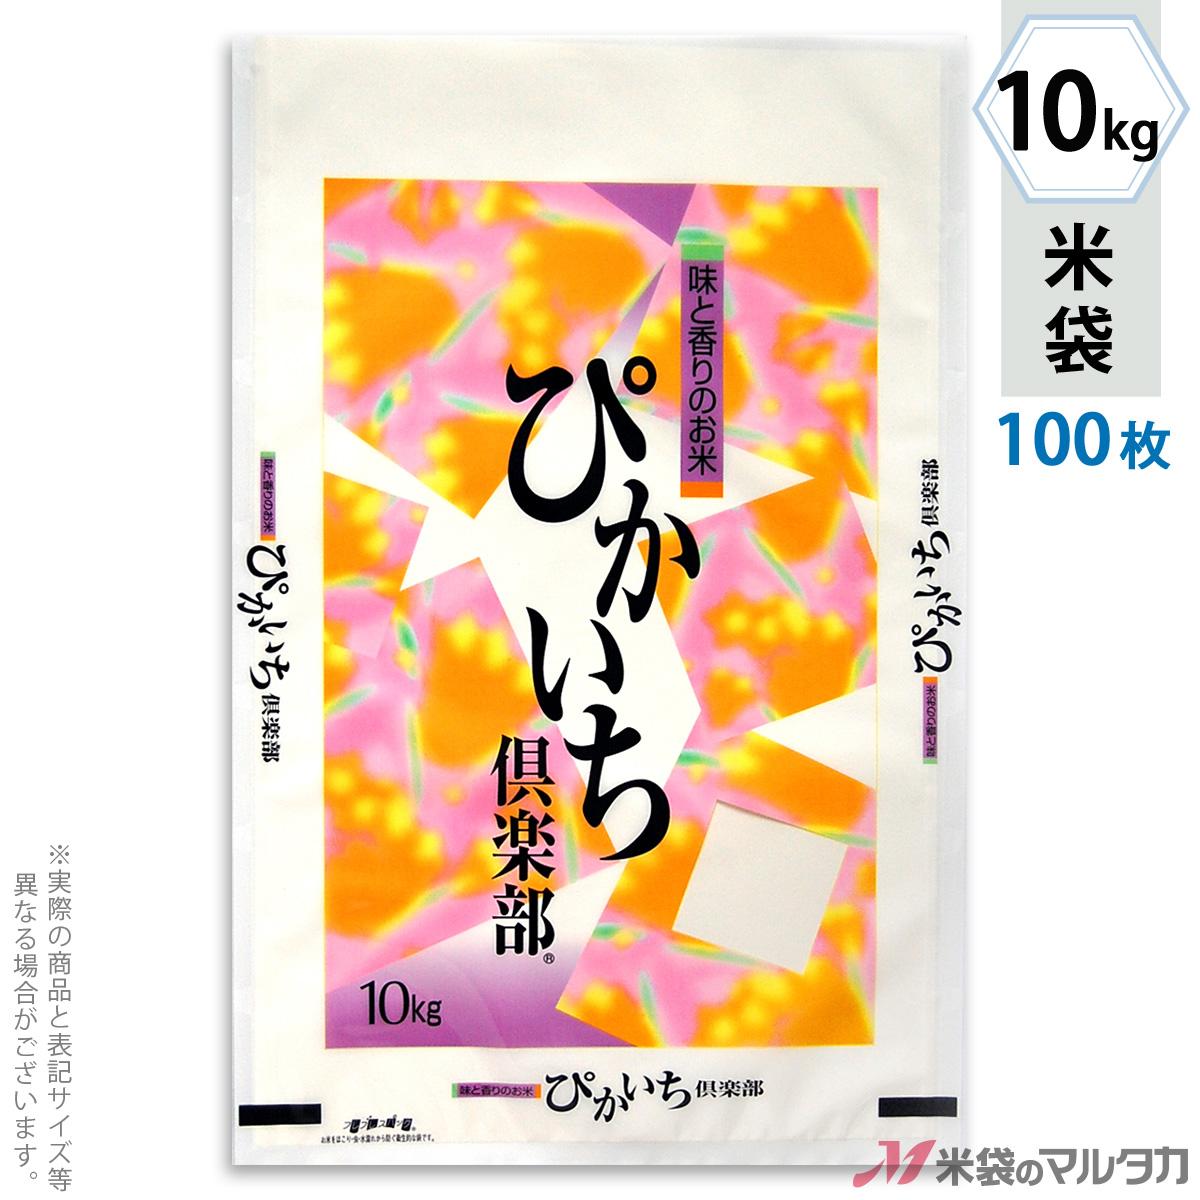 米袋 ラミ フレブレス ぴかいち倶楽部 10kg 100枚セット MN-9440